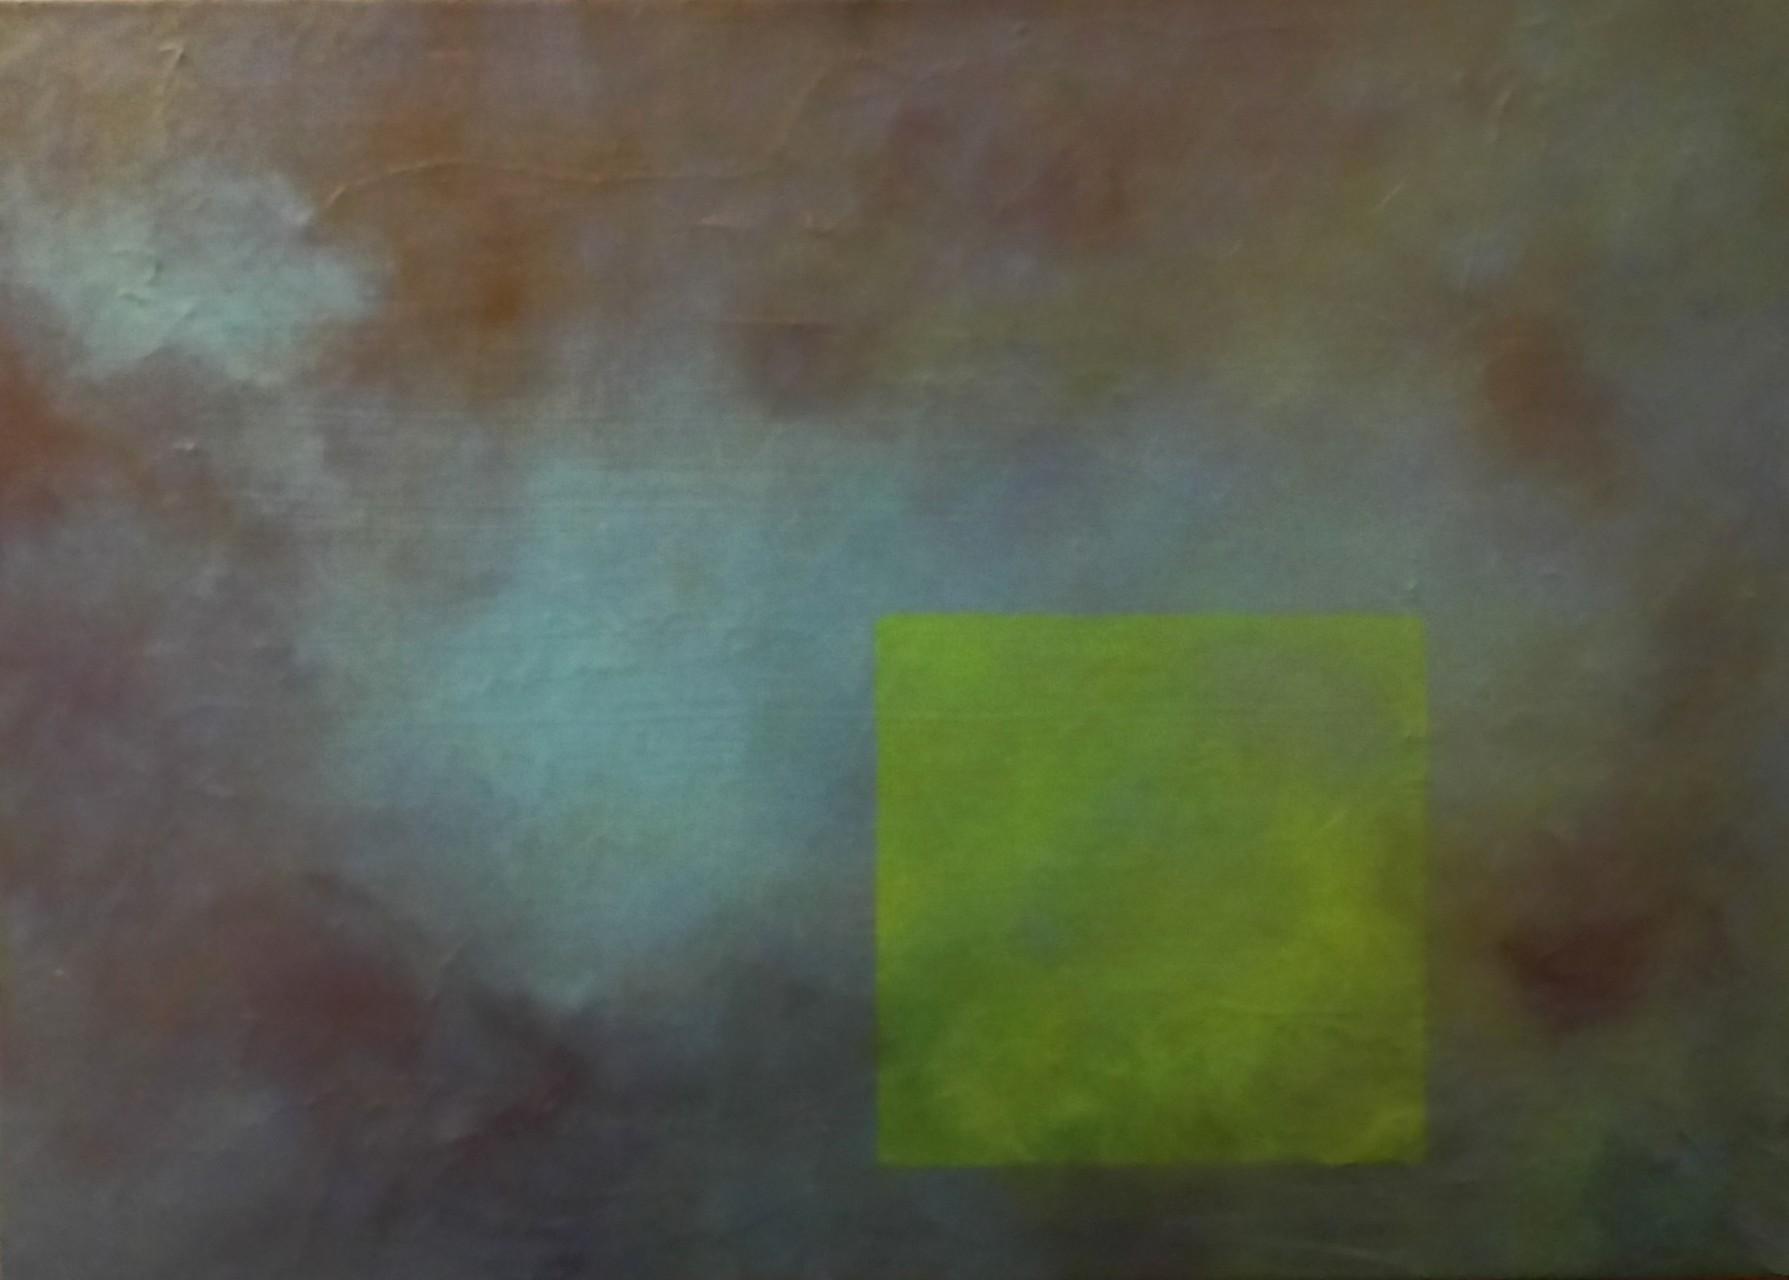 Durchs Fenster 60 x 50  Leinwand, Acryl, Pigmente, Spachtelmasse